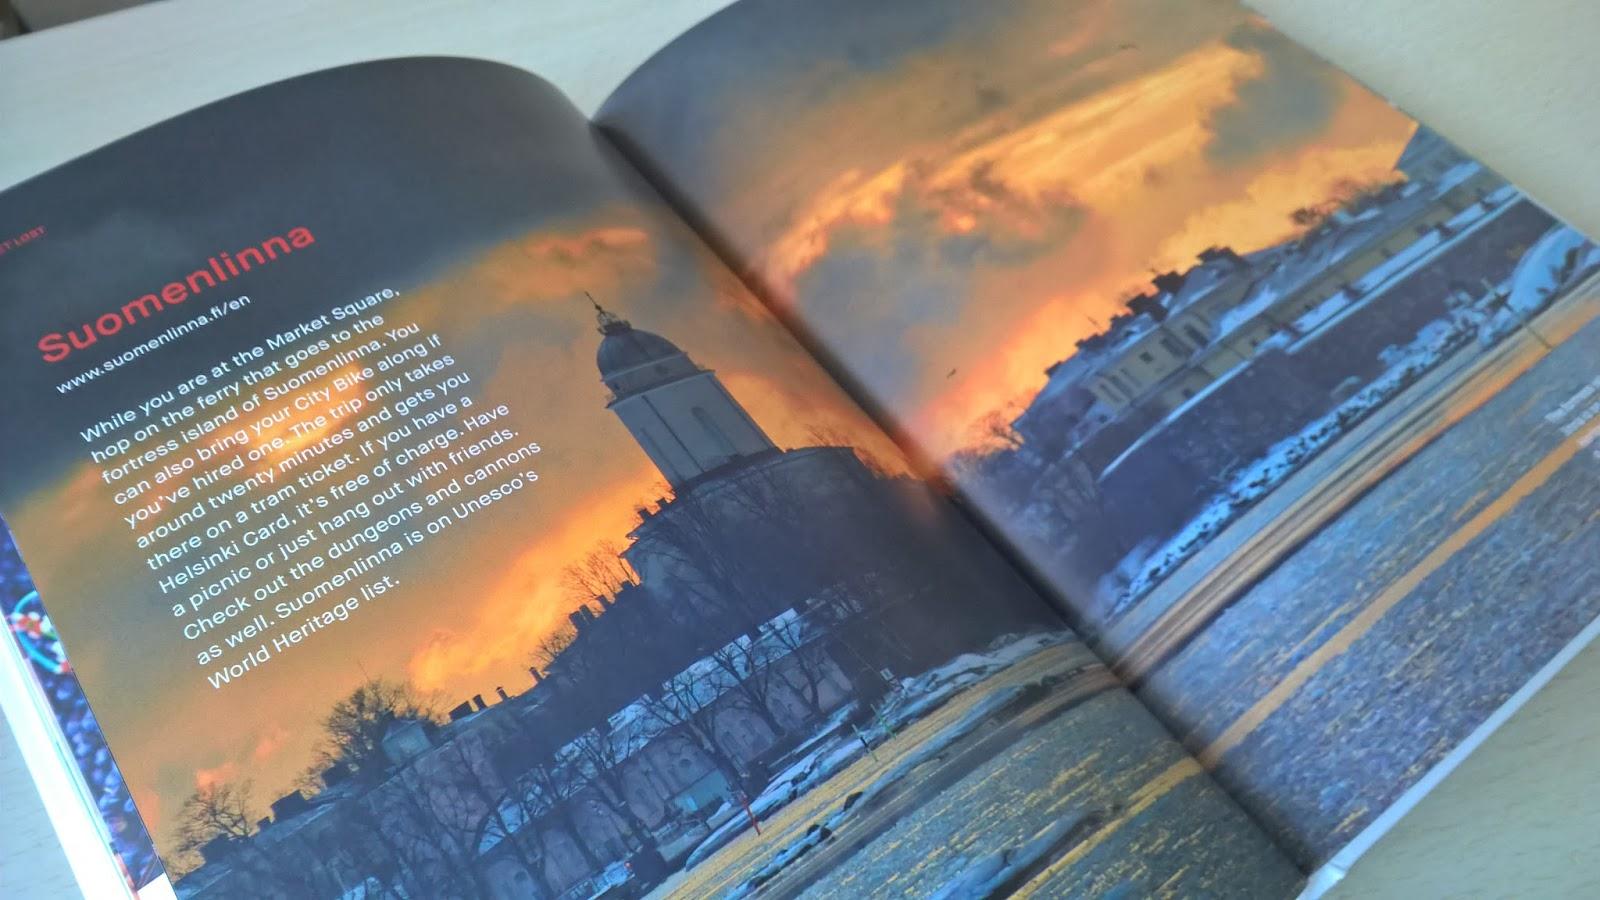 本書は、まずはフィンランドの紹介から始まります。フィンランドとはどんなところか、その一風変わった文化やフィンランド人の特徴の紹介から、おもしろい行事、世界に